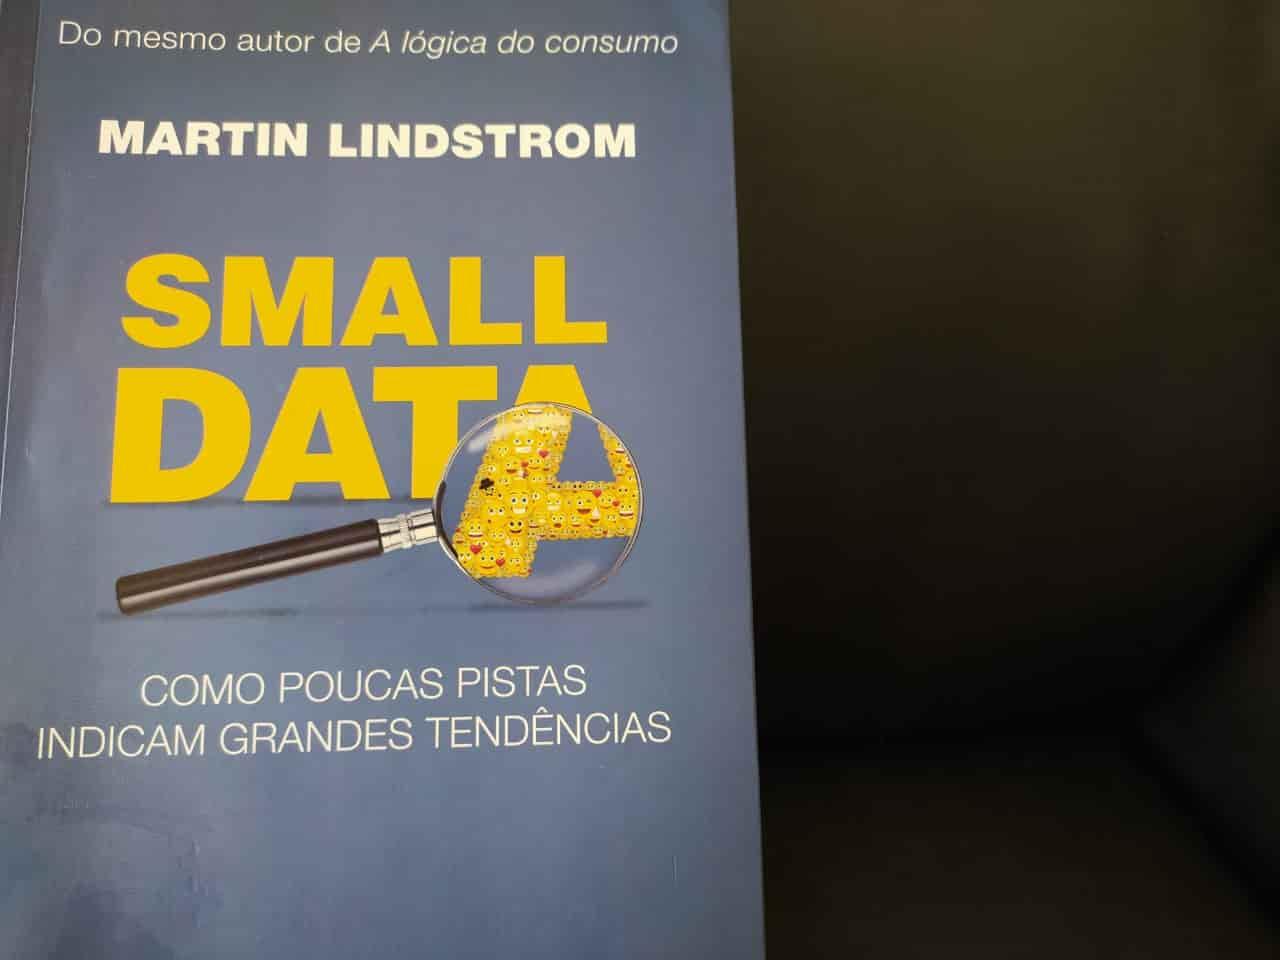 Pesquisa de Subtexto de Martin Lindstrom